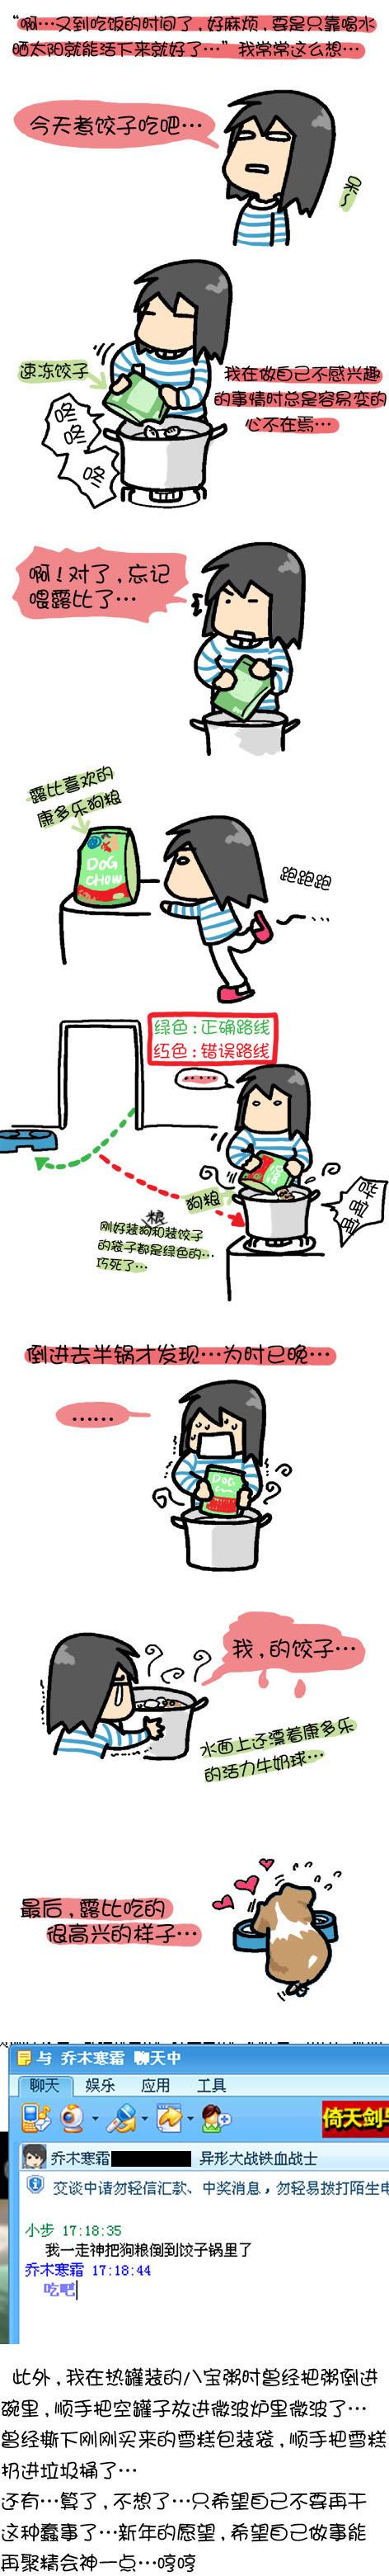 康多乐饺子 - 小步 - 小步漫画日记